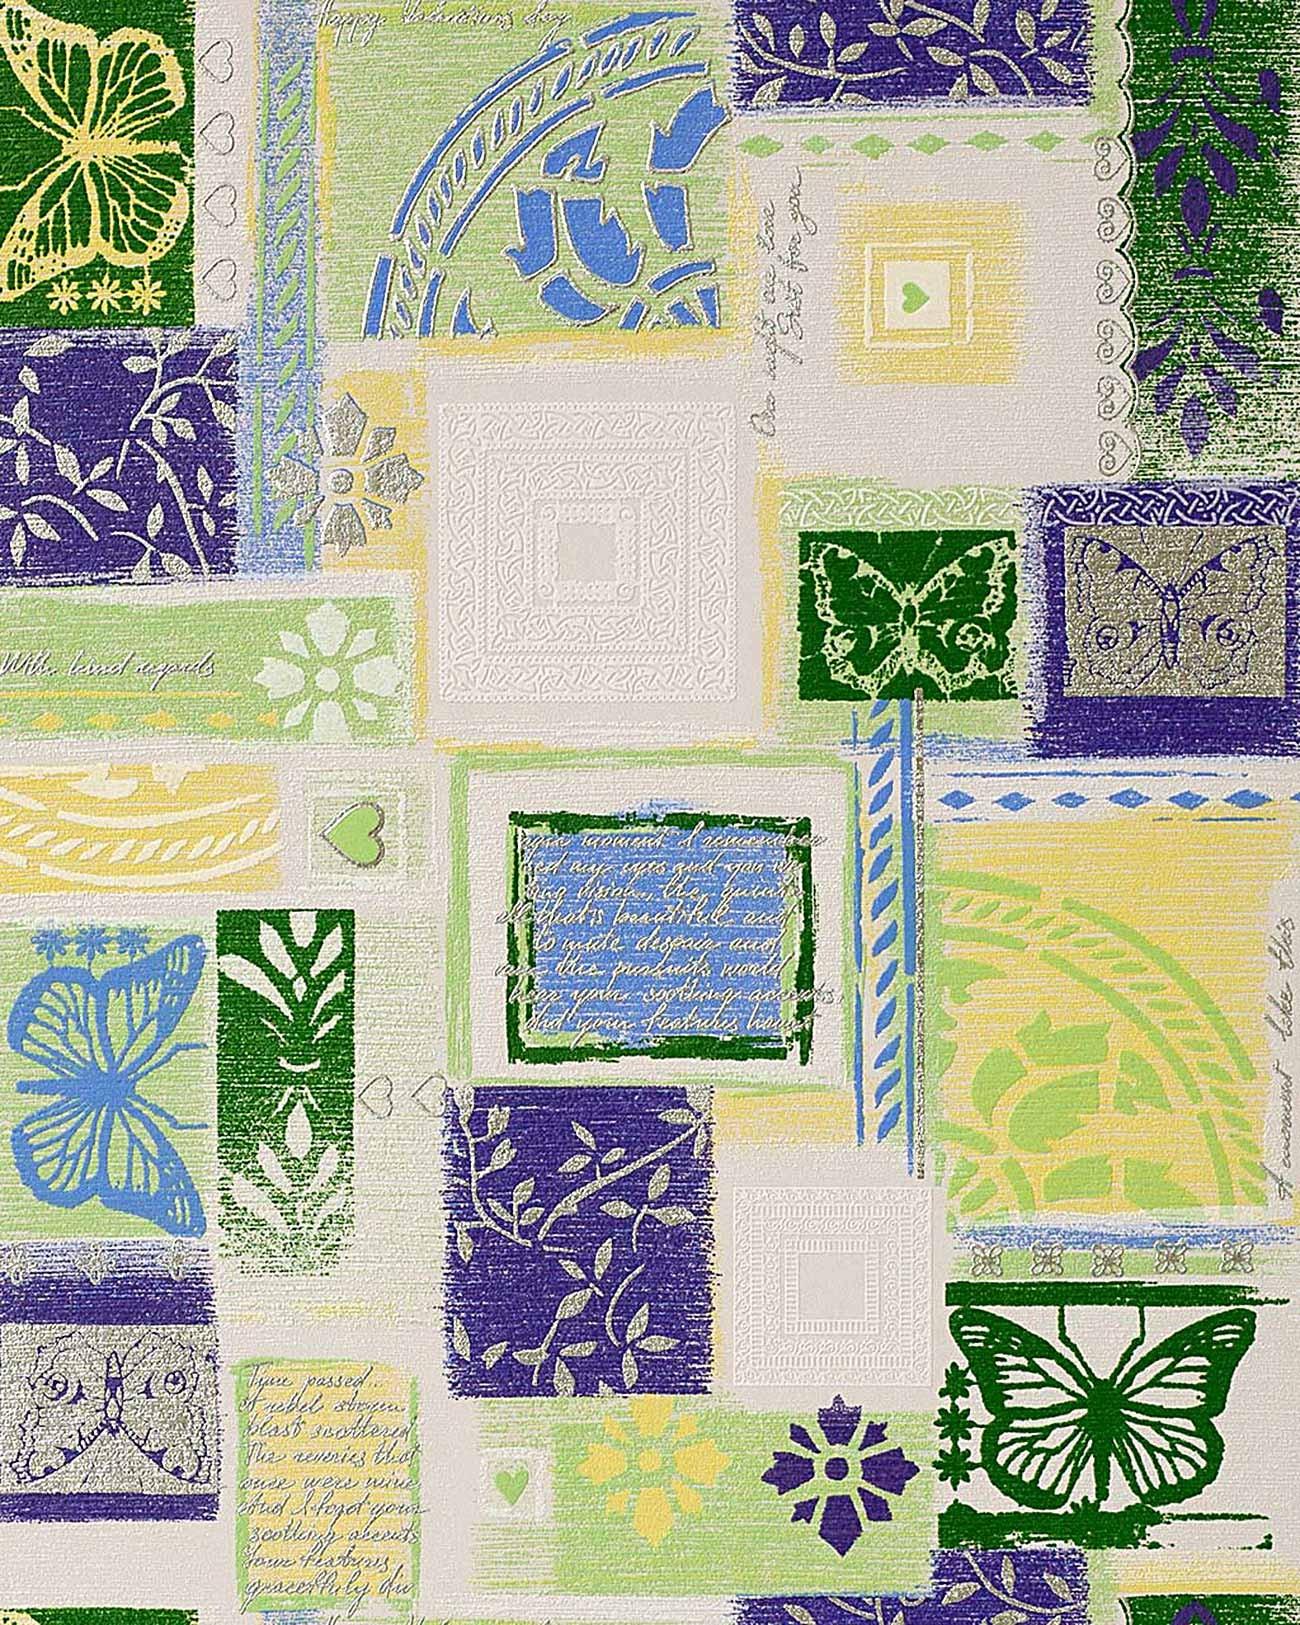 Papier peint design r tro style edem 071 25 scrapbooking for Papier peint blanc argent